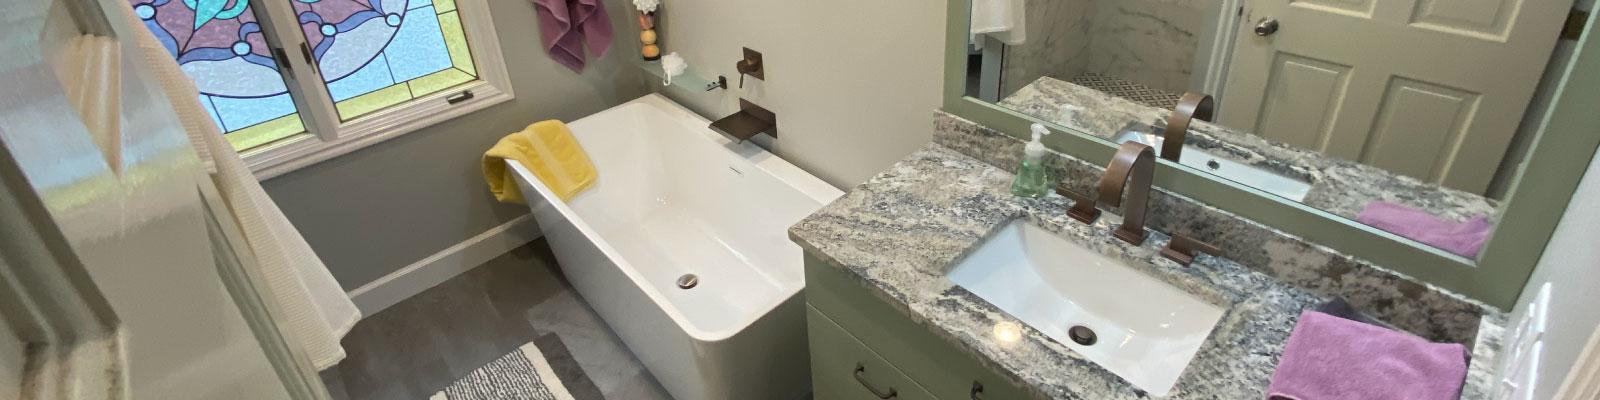 Cincinnati OH Bathroom Remodeling Photo Gallery Day Kitchen Bath - Bathroom remodeling cincinnati oh